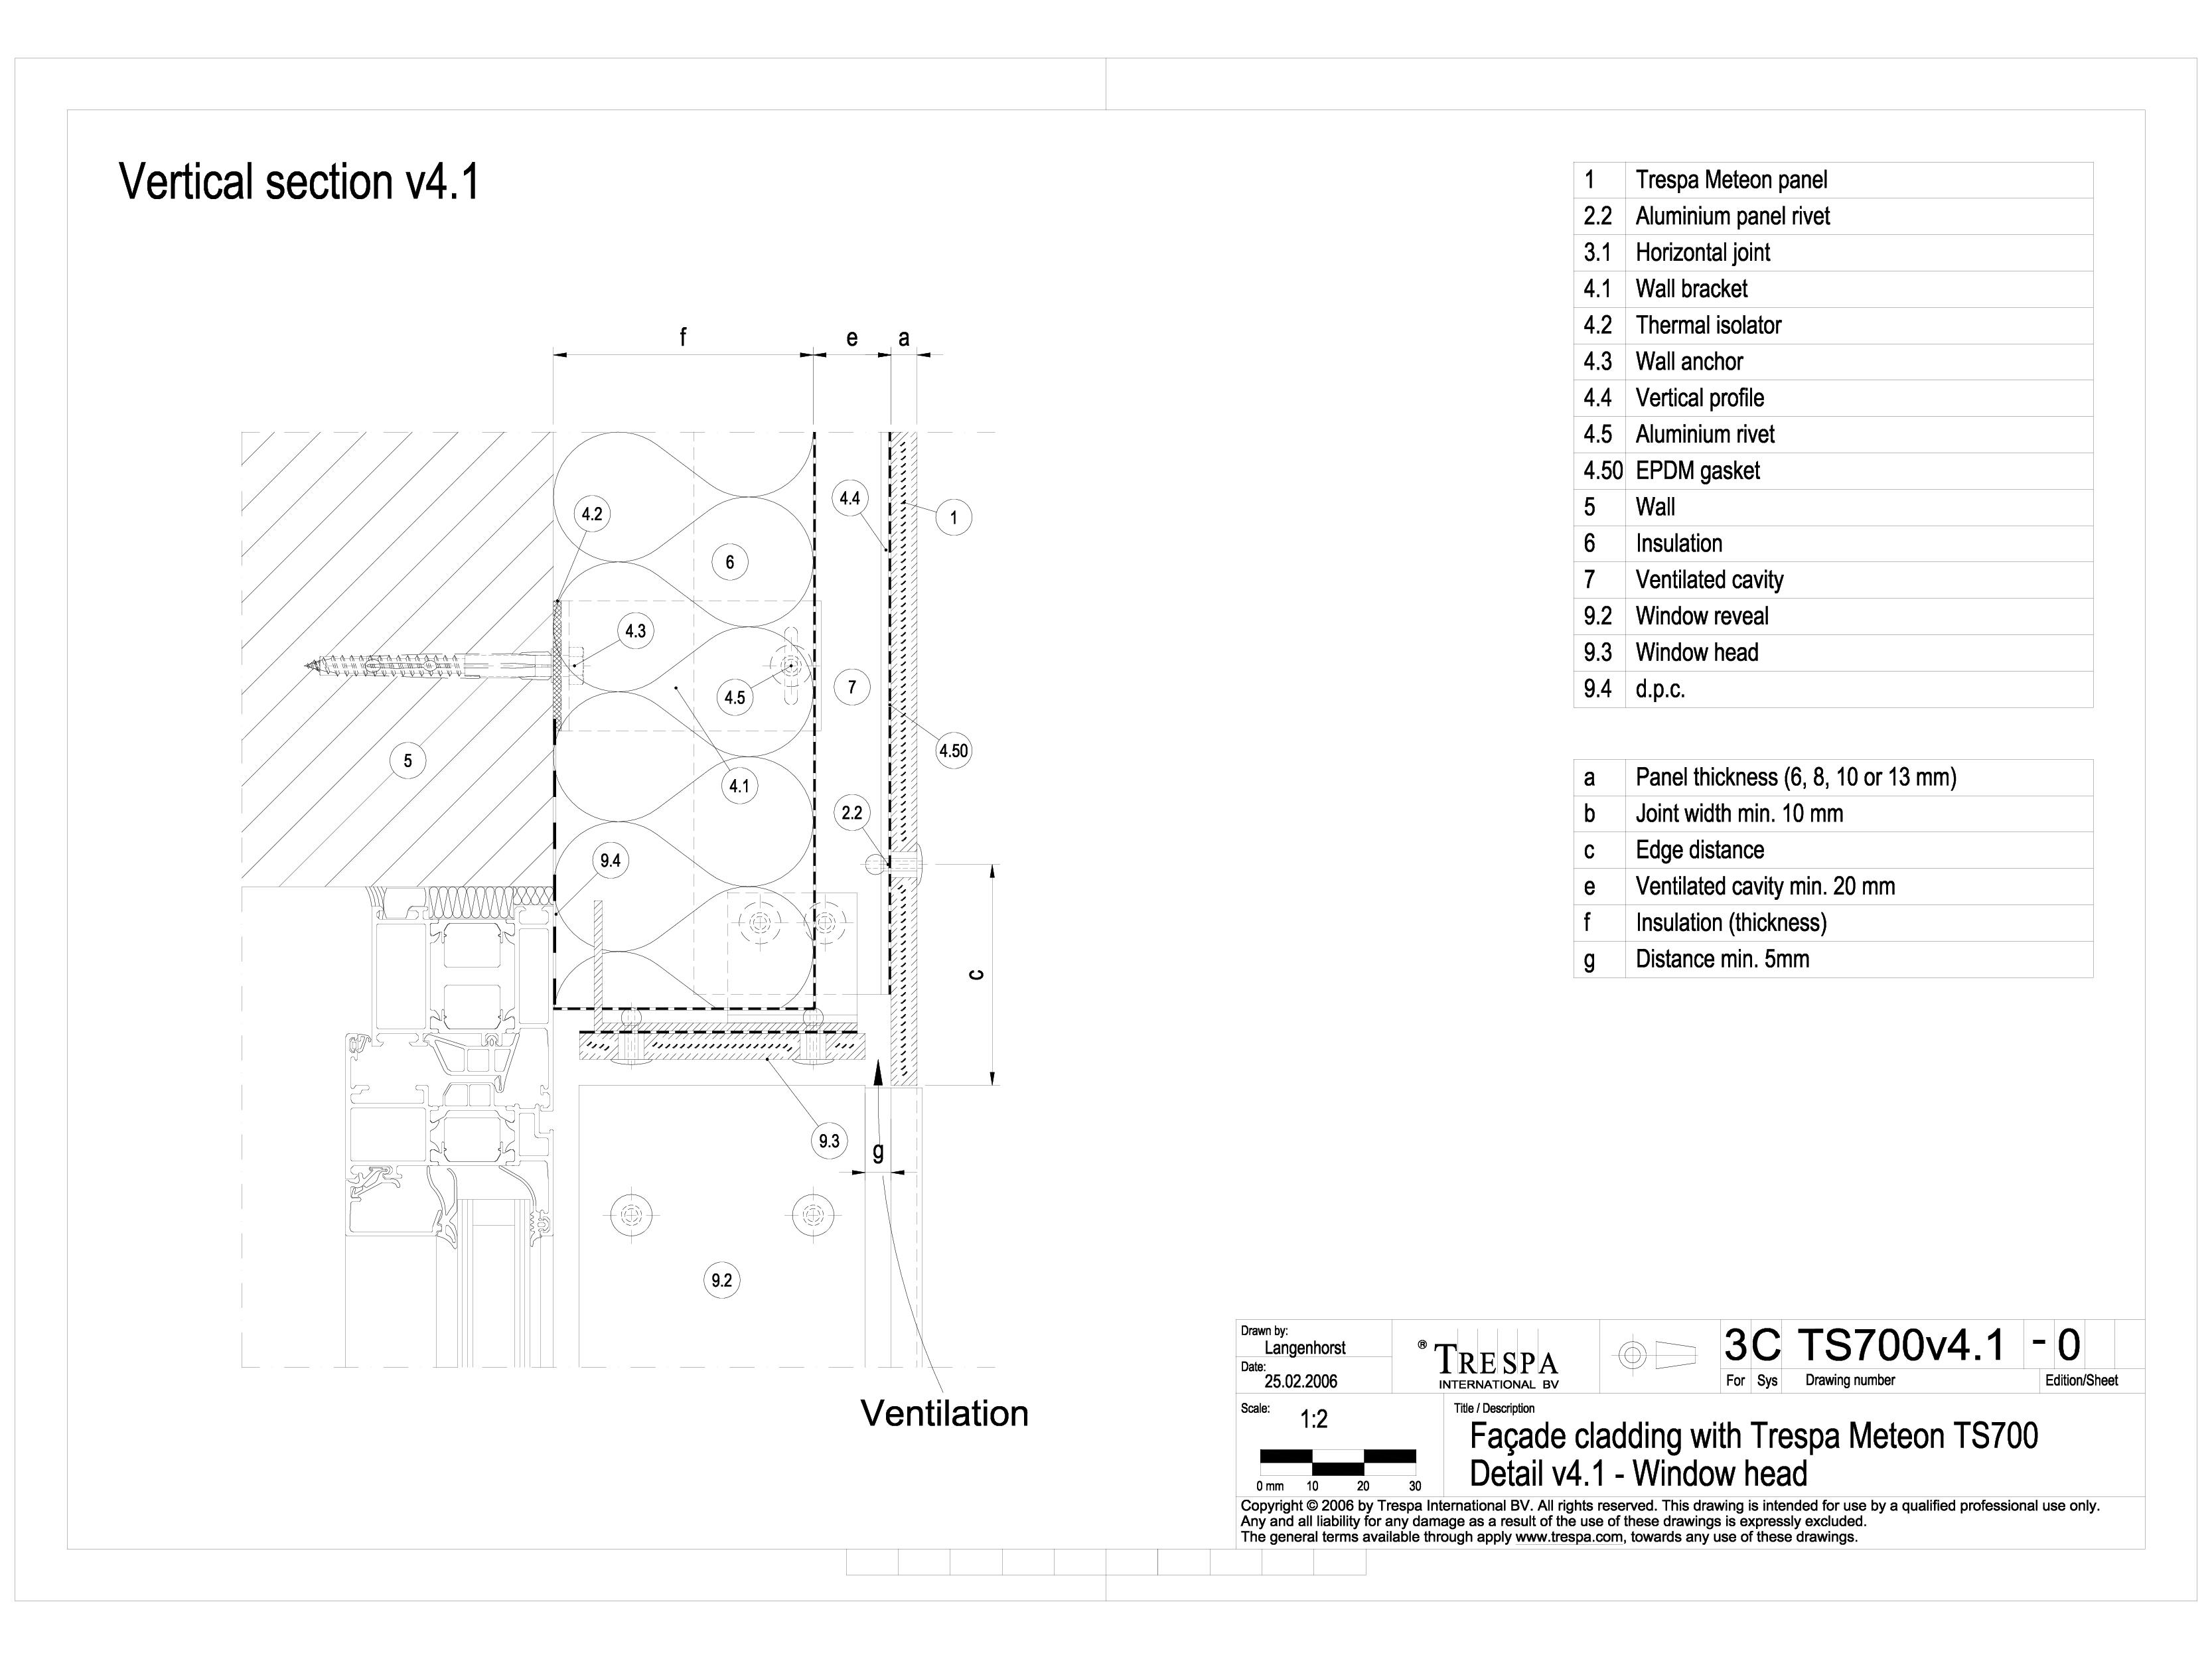 Sisteme de prindere fatade ventilate invizibile cu nituri, detaliu de racordare la fereastra METEON TRESPA Placi HPL pentru fatade ventilate GIBB TECHNOLOGIES  - Pagina 1